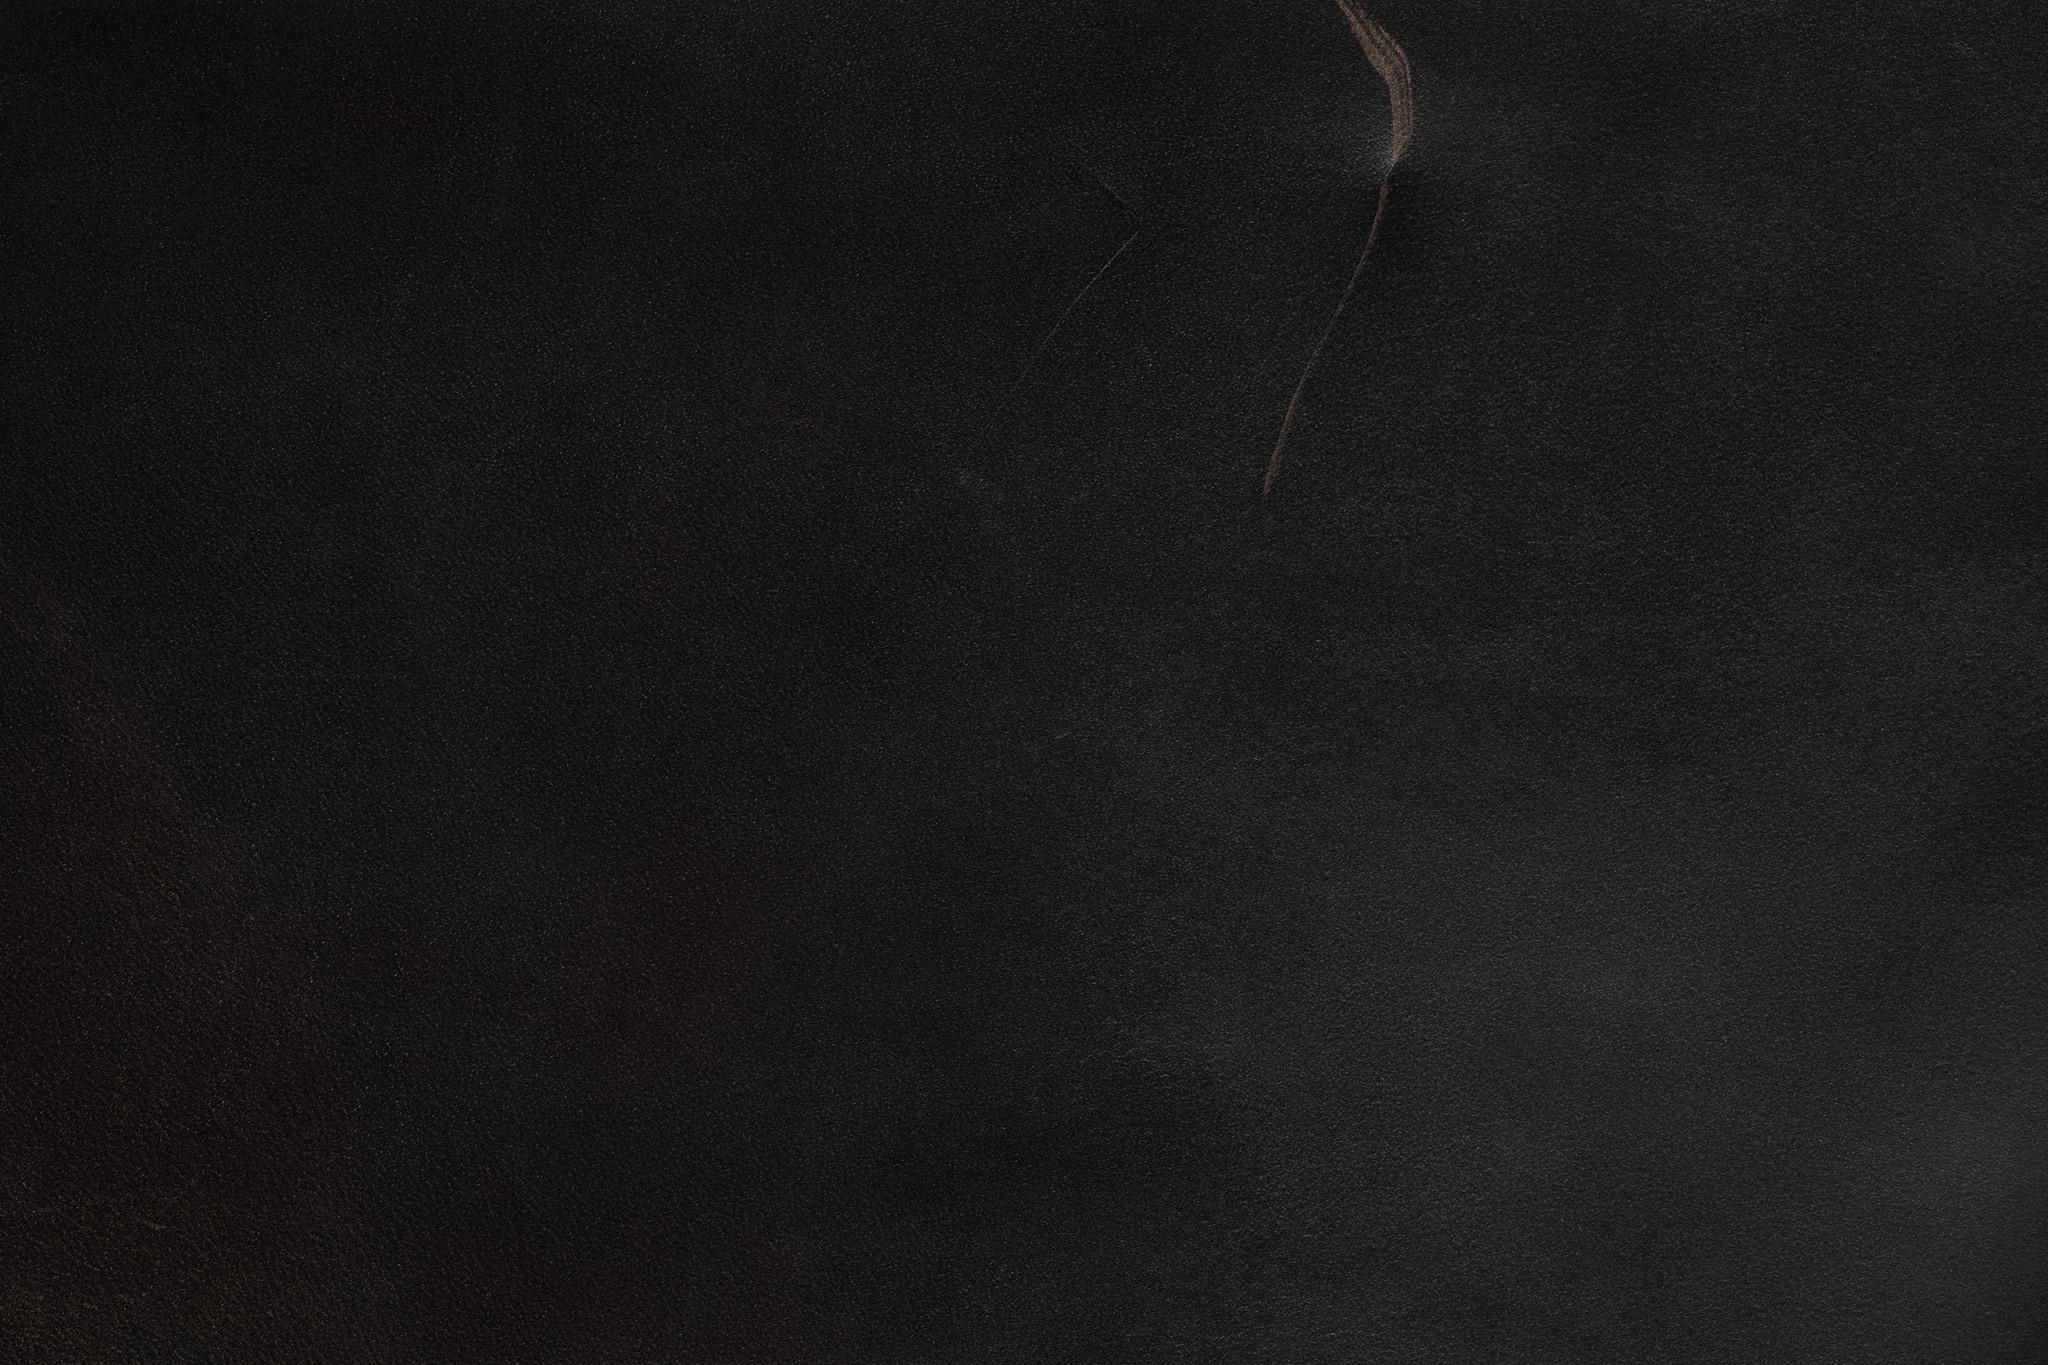 大きな傷の付いたブラックレザー